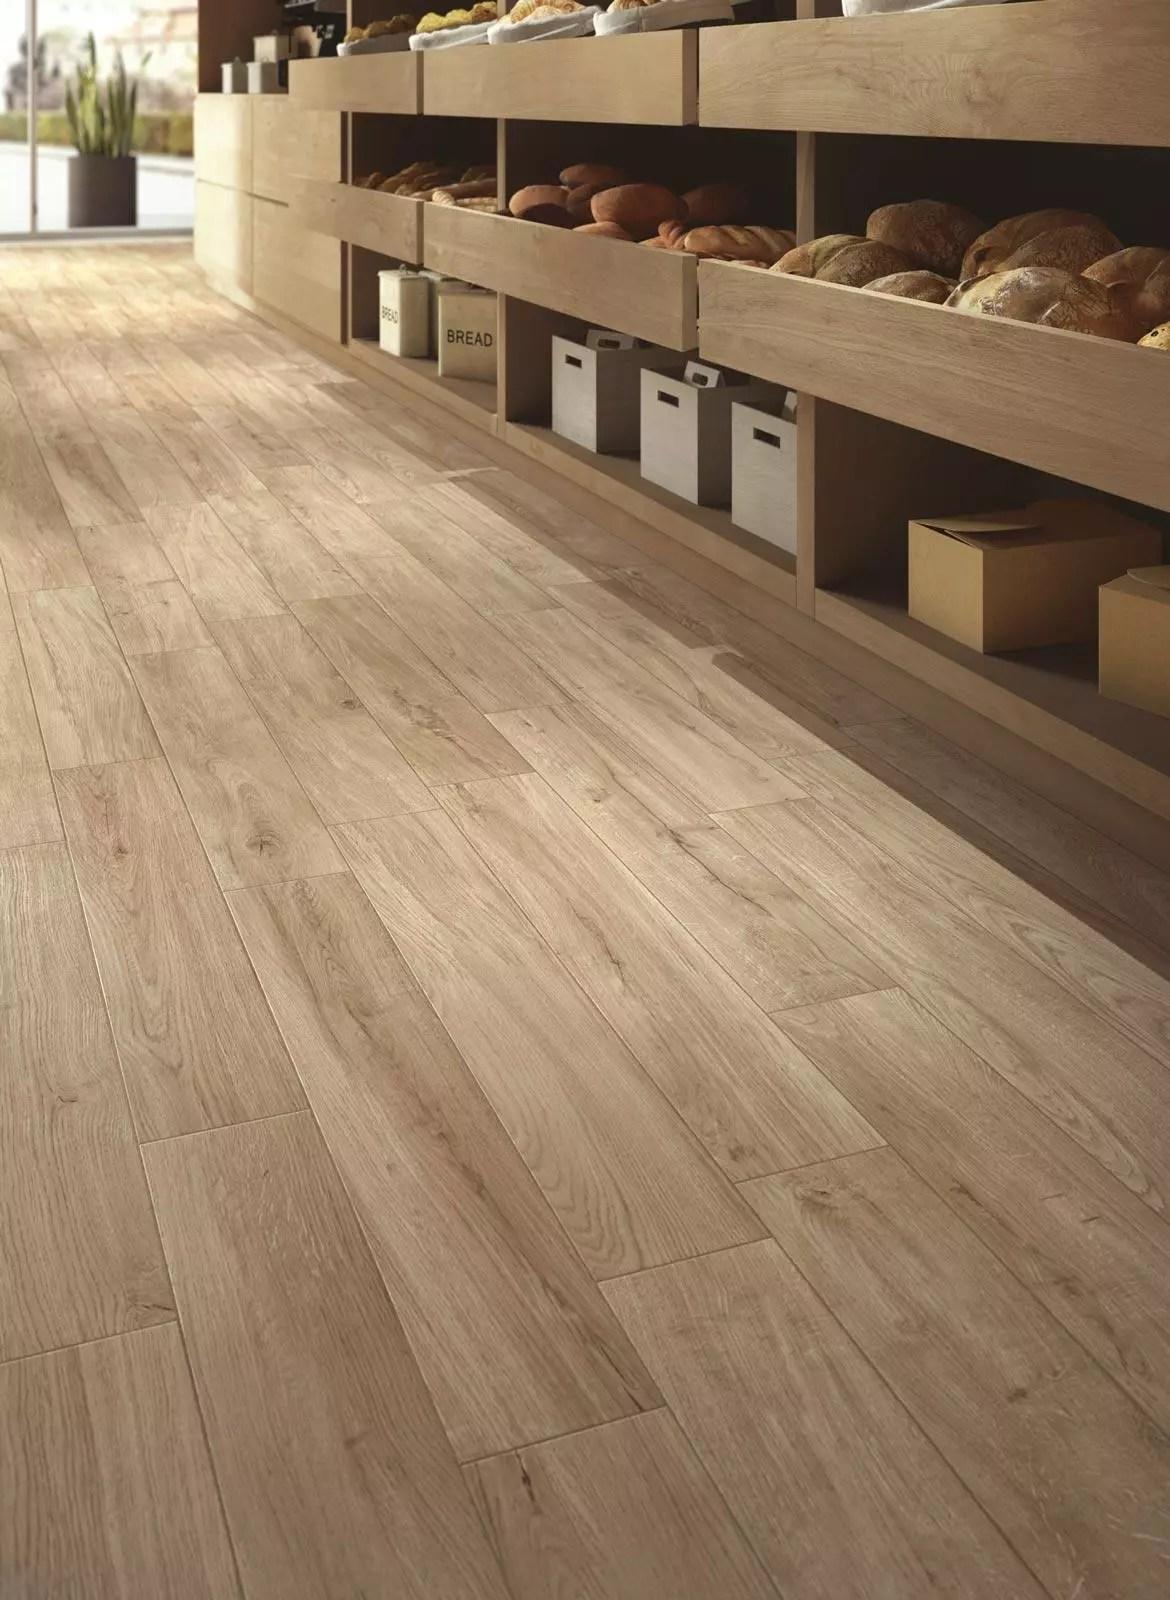 Piastrella Pavimento Gres Porcellanato Effetto Legno 15x90 Ragno Woodpassion  Termini Imerese